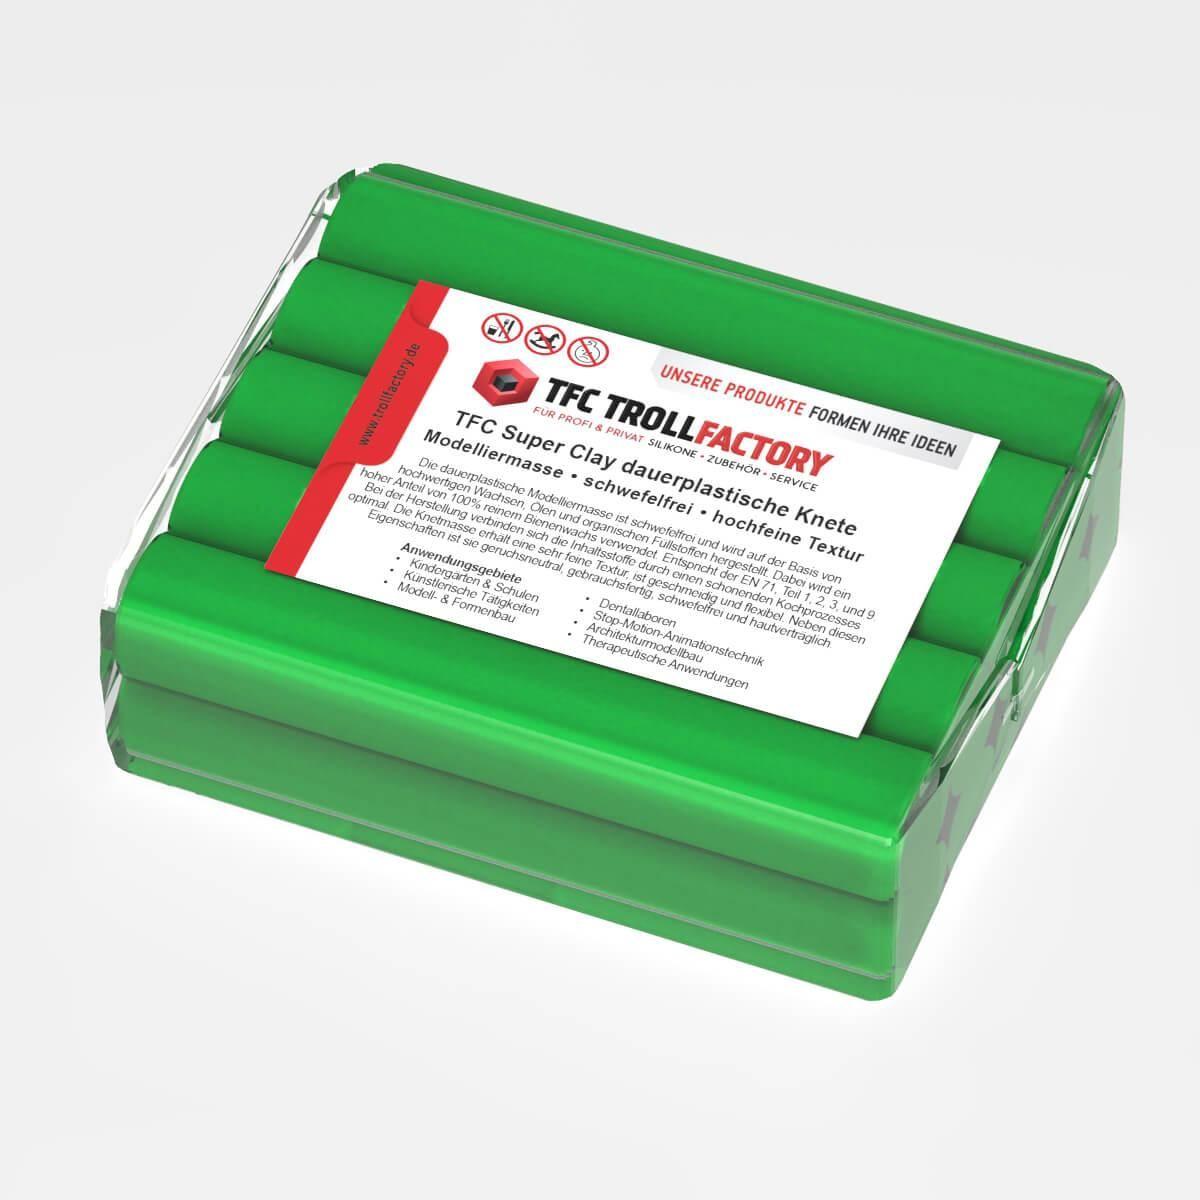 TFC SUPER CLAY Knete grün Modelliermasse hochfeine Textur geschmeidig formstabil dauerplastisch